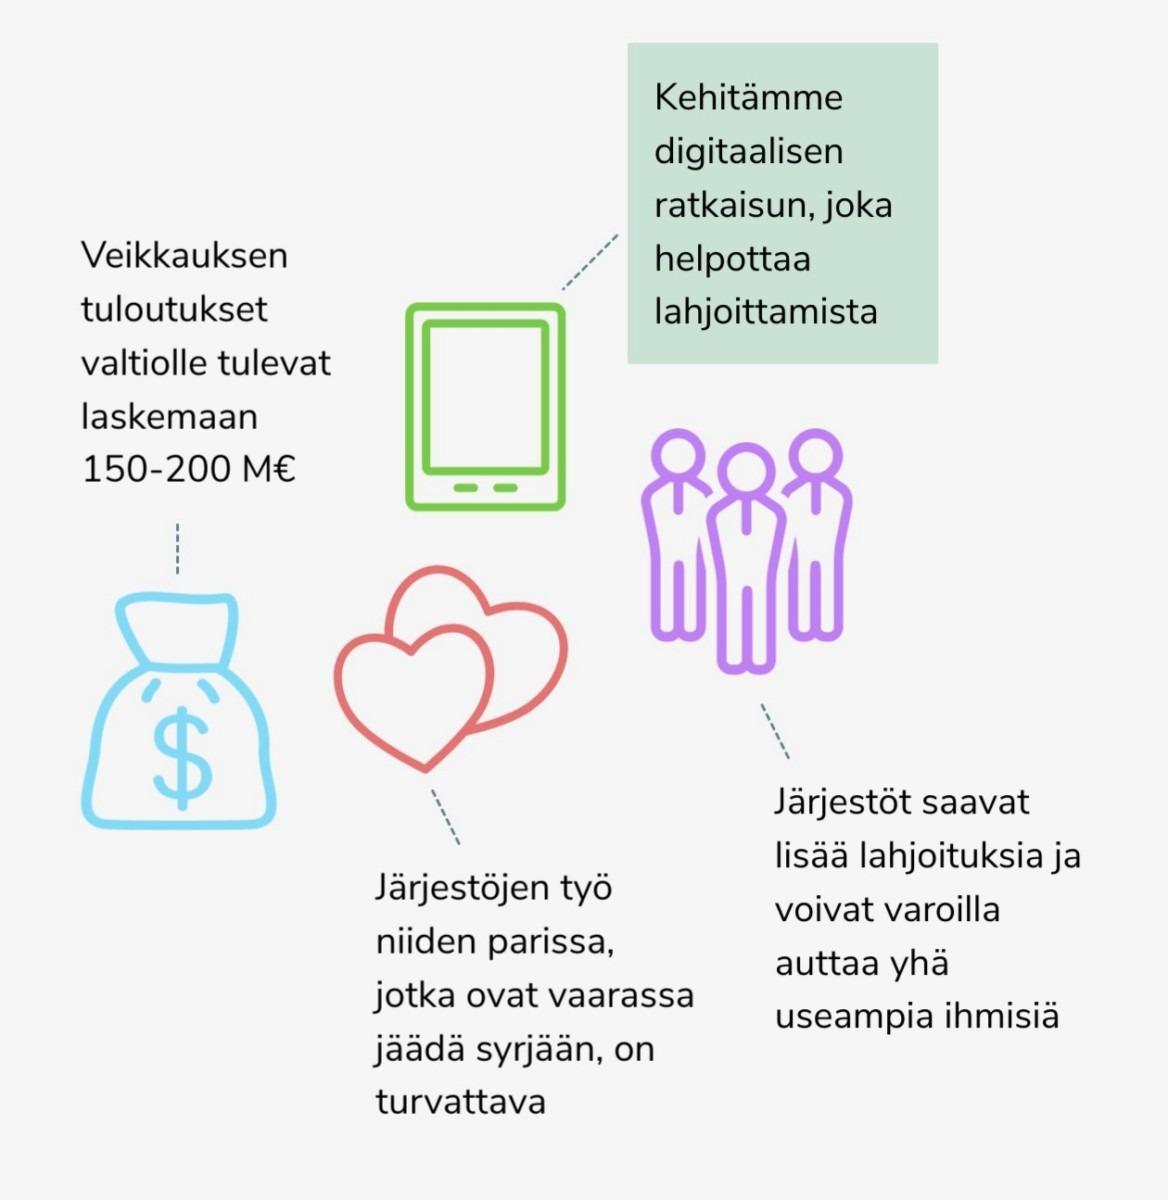 Infograafi, joka havainnollistaa Goodwill-projektin yhteiskunnallisen vaikuttavuuden